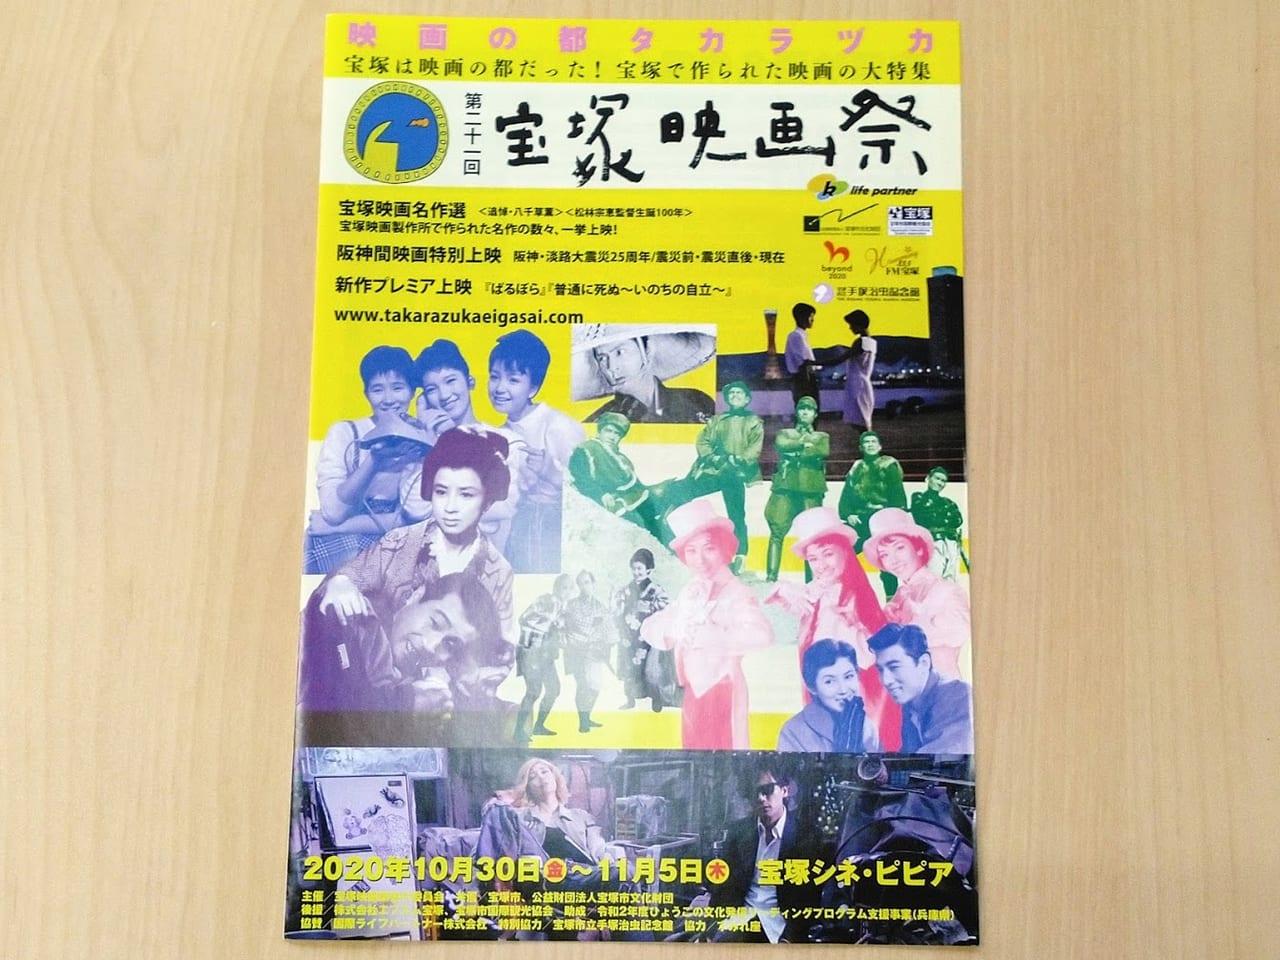 第21回宝塚映画祭